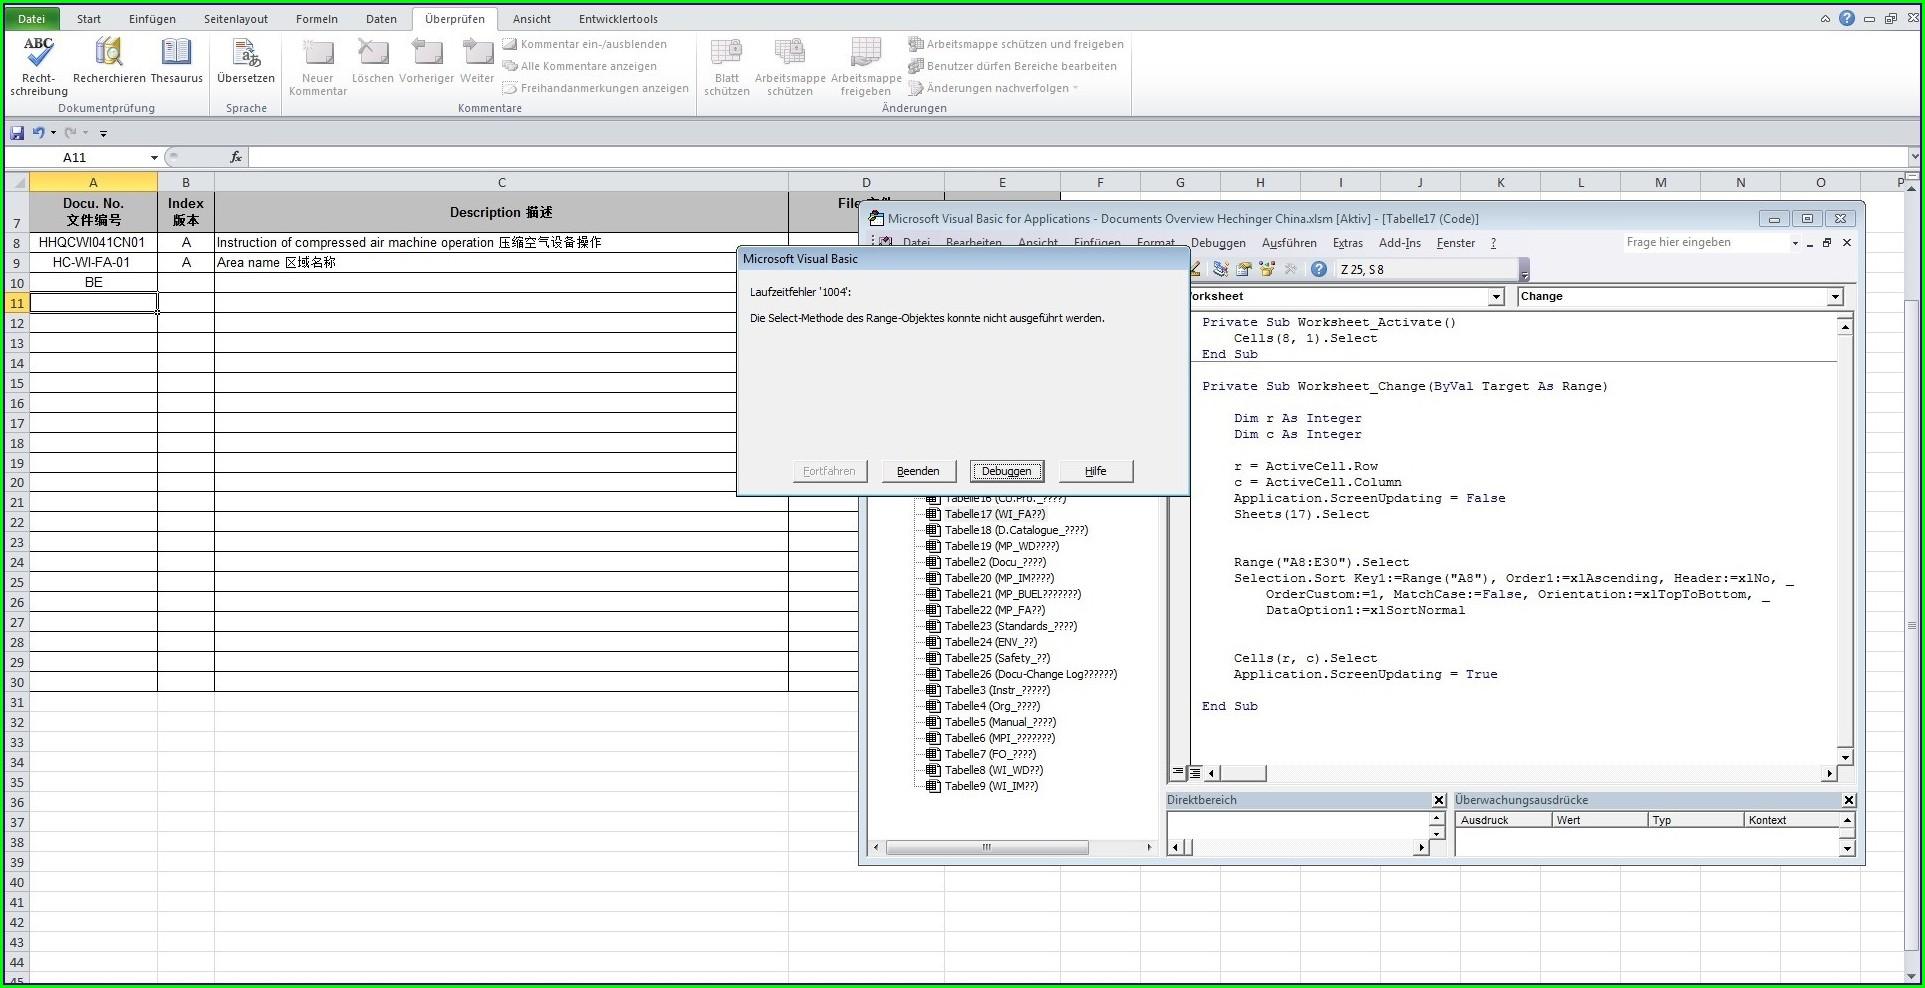 Excel Vba Sort In Specific Order